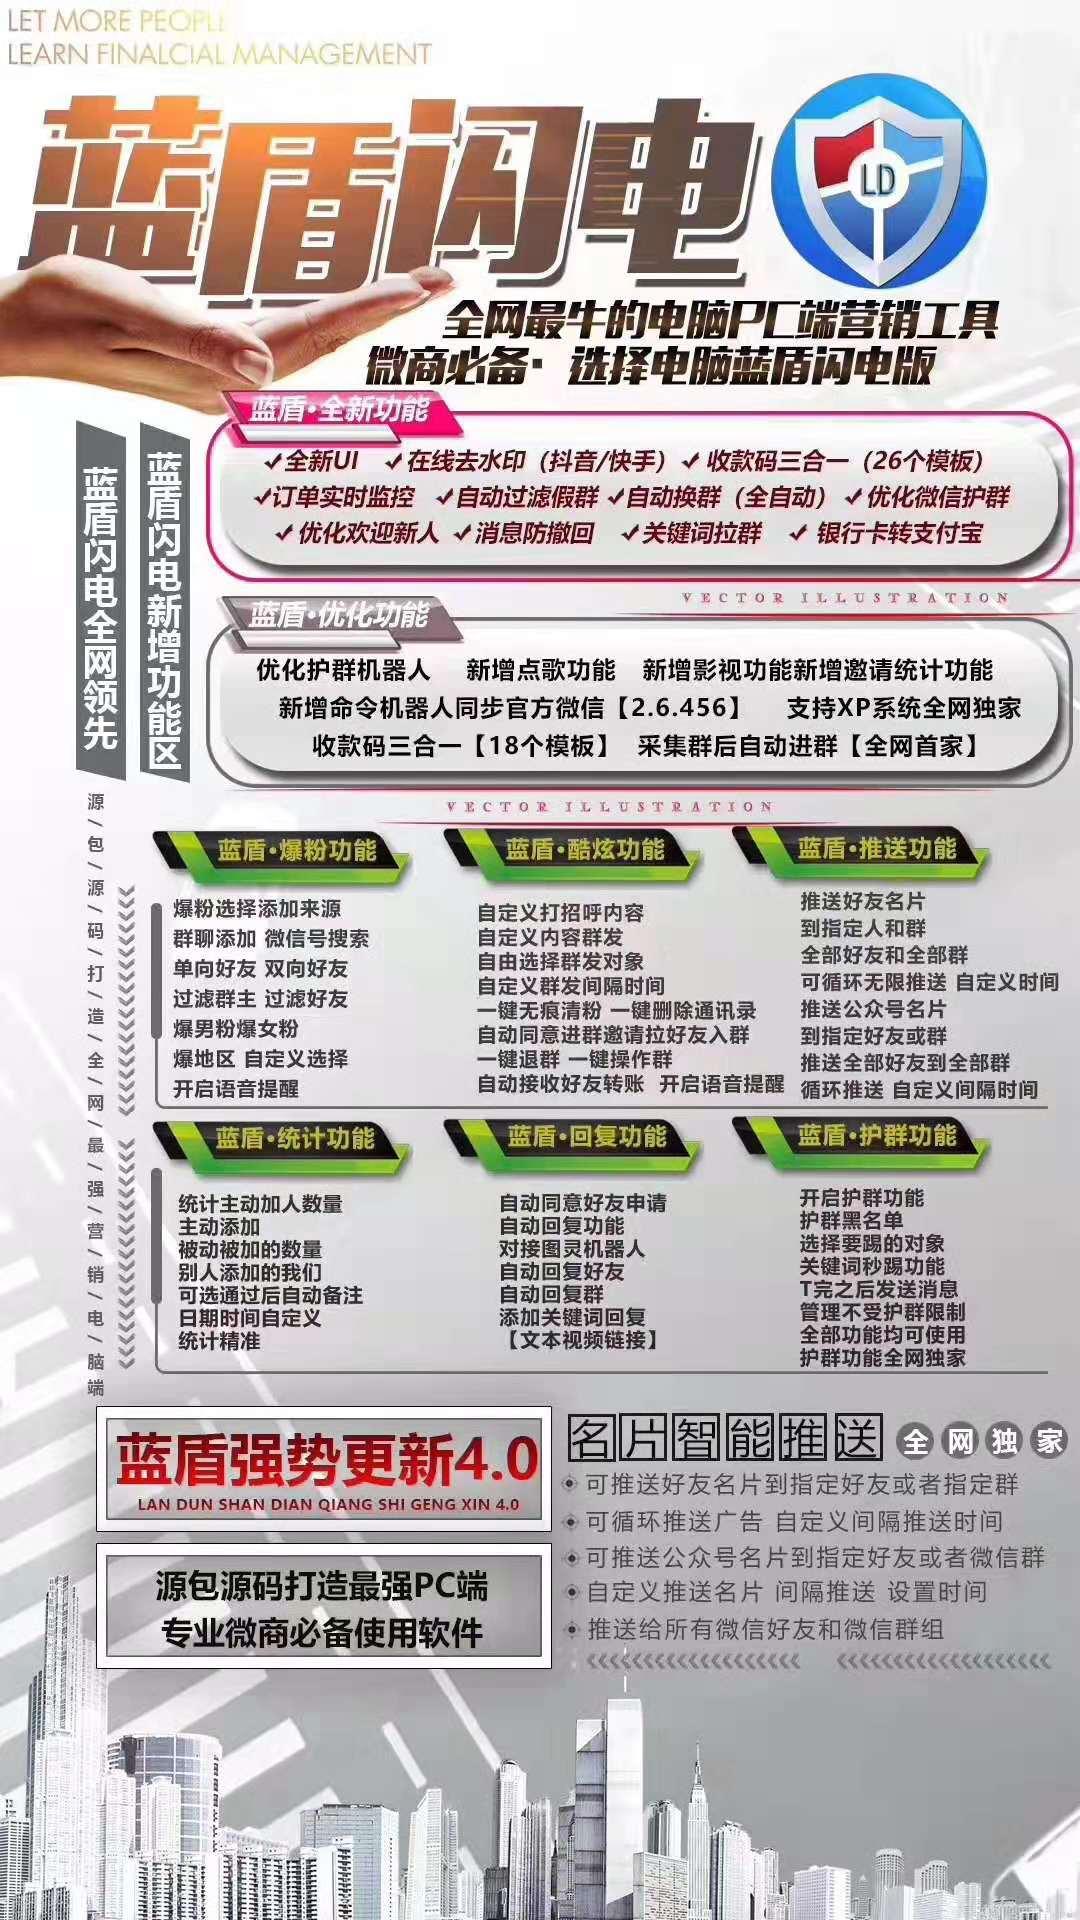 蓝盾官网电脑版无限爆粉微信营销软件下载购买激活码